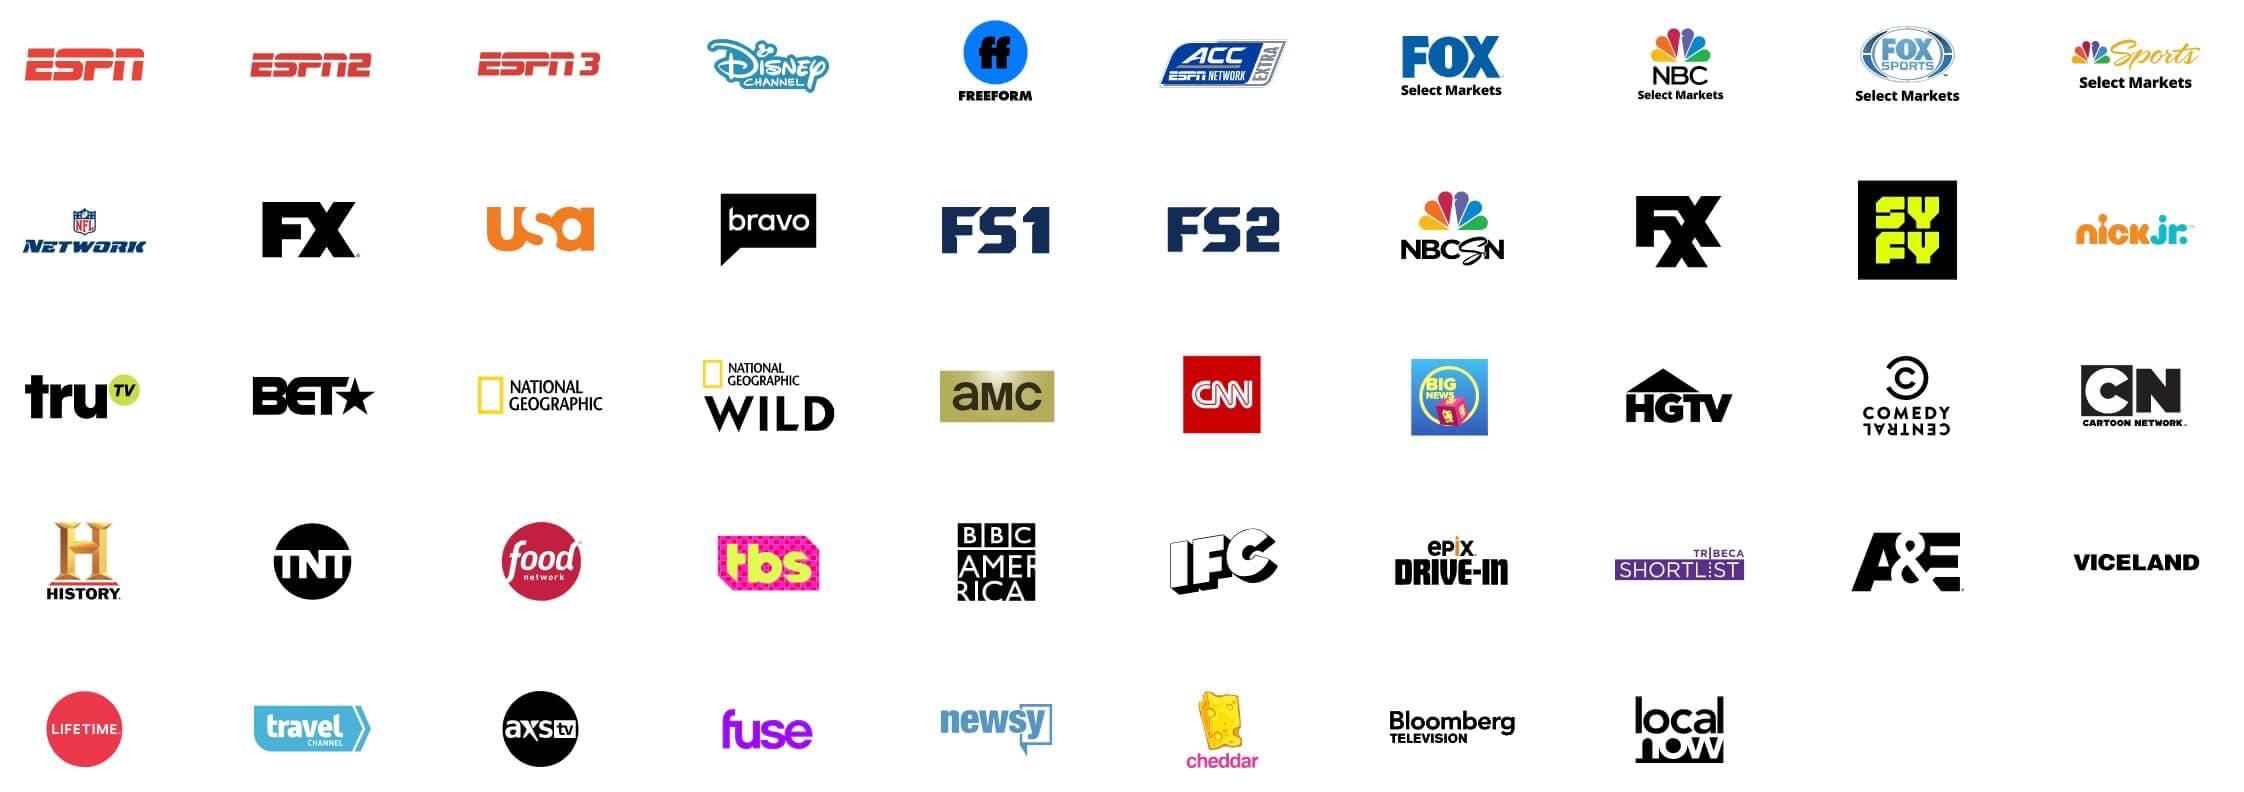 bears rams sling tv streaming nfl